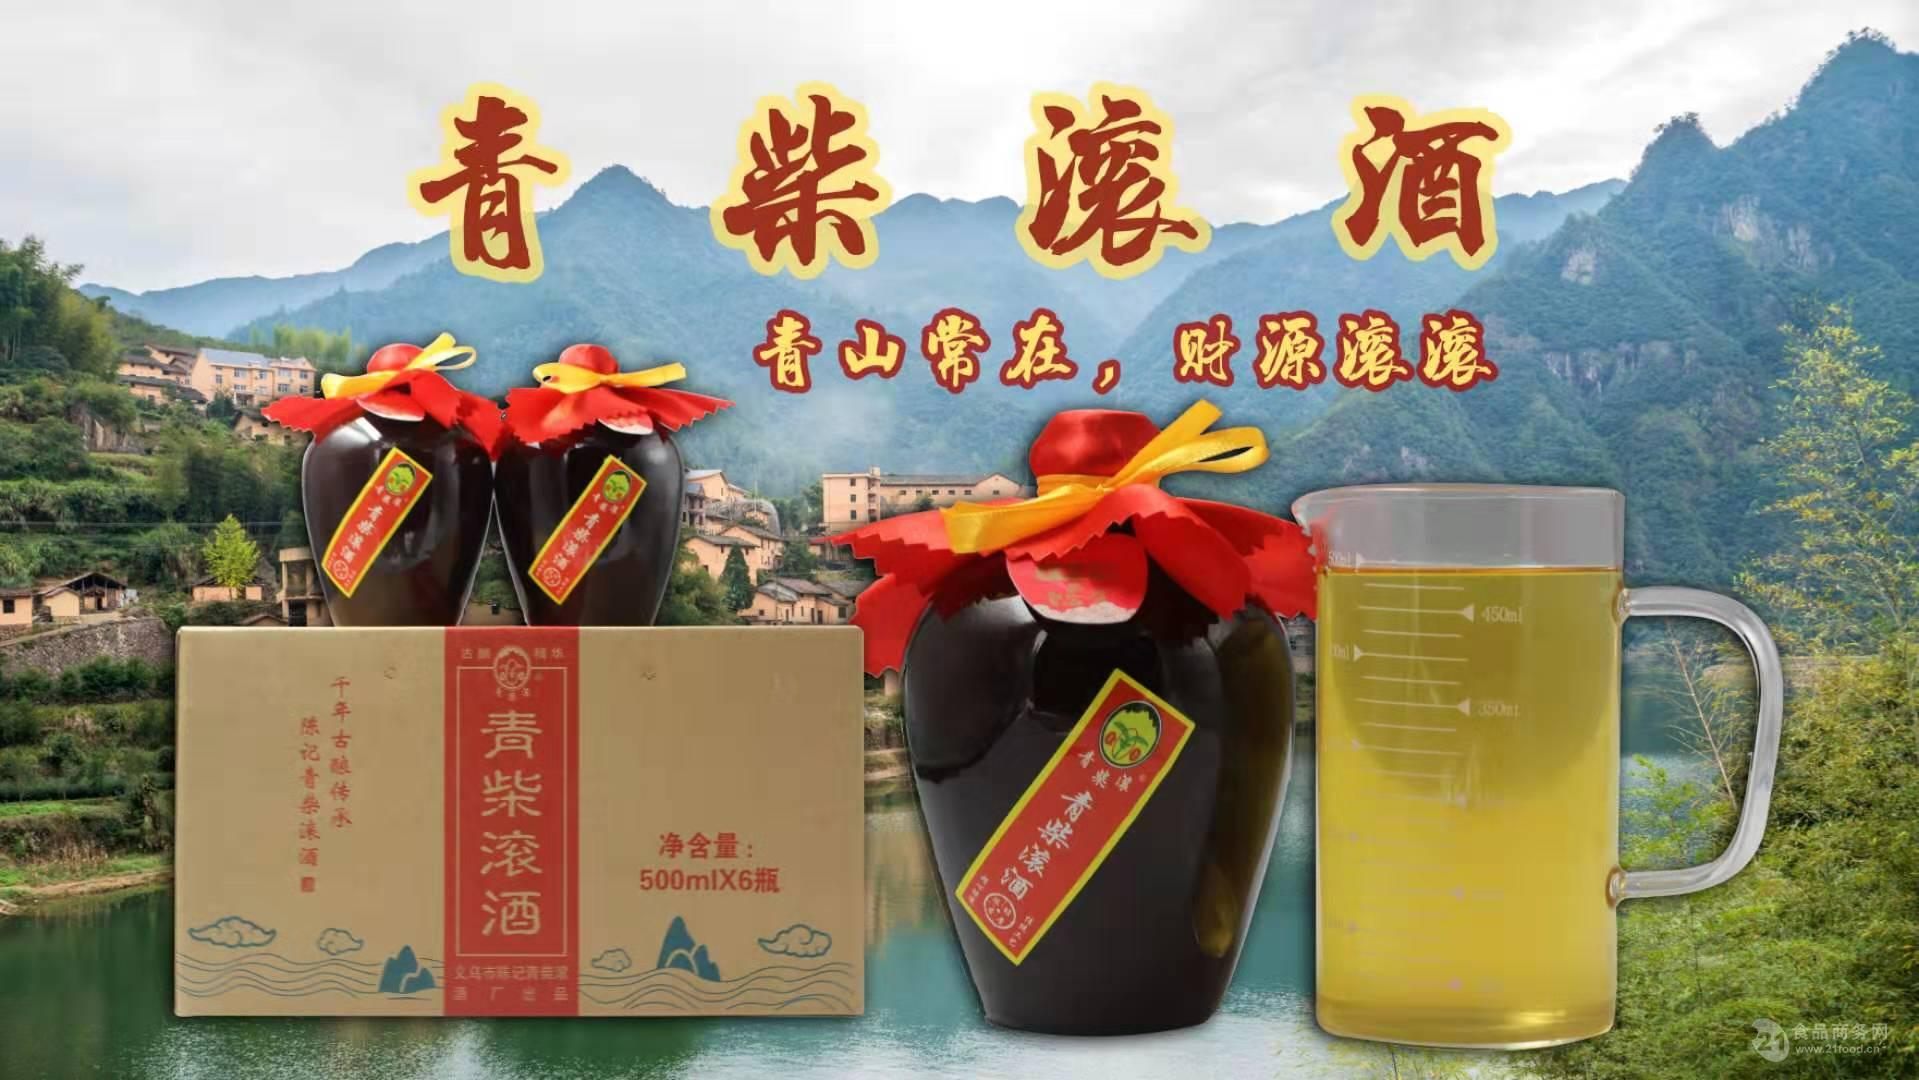 浙江义乌特产青柴棍米酒高粱酒甜酒酿1斤6瓶礼盒装